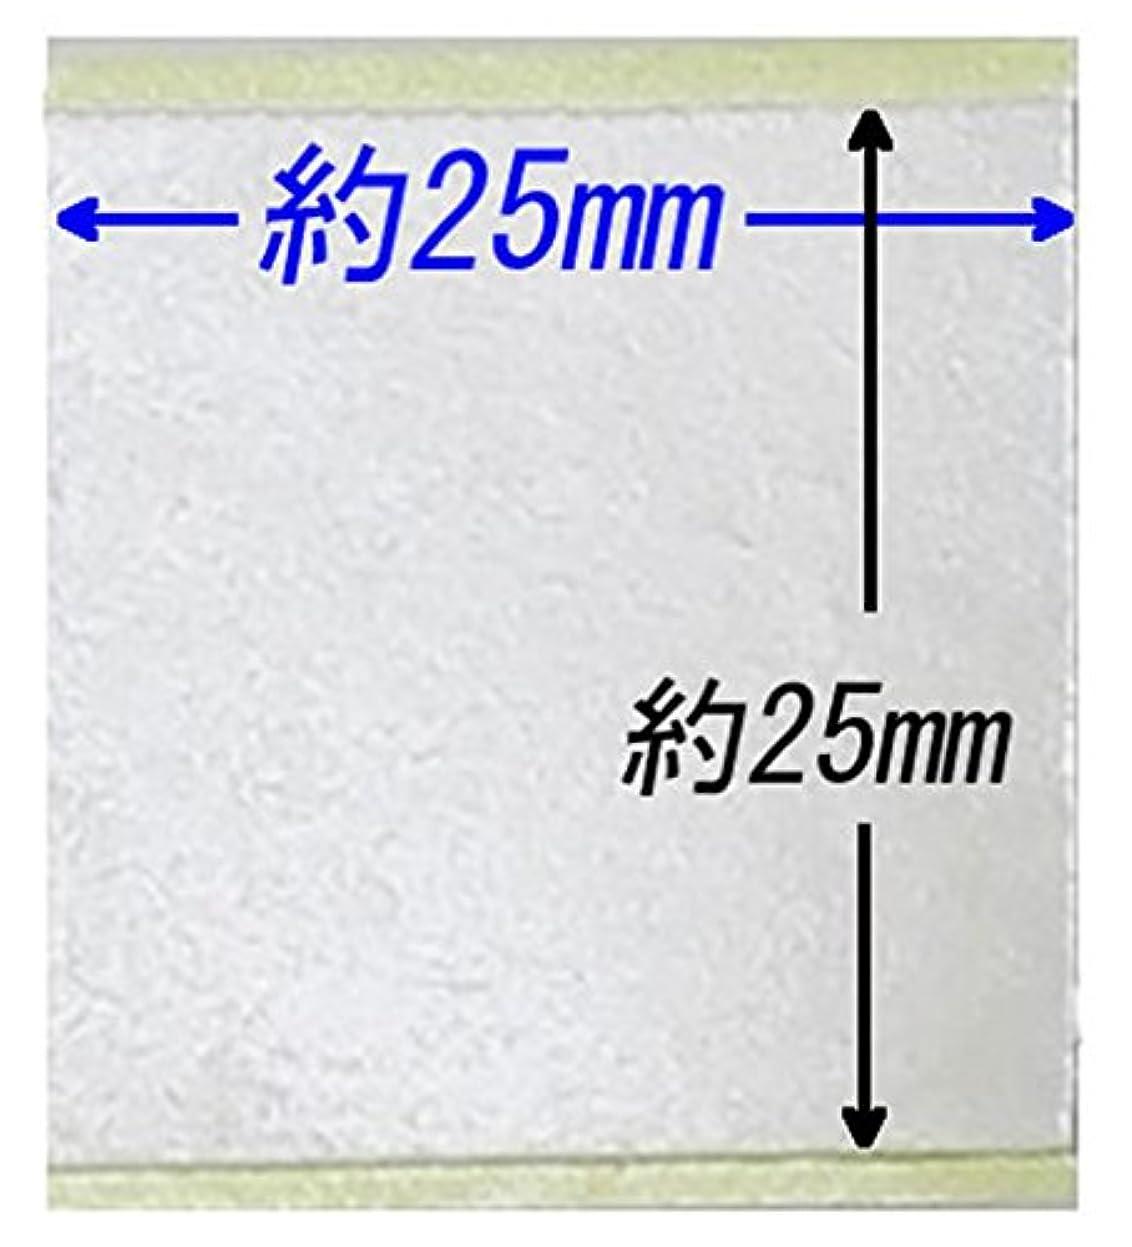 小麦粉爆発療法(約)幅25mm×長さ25mmでカット=400枚